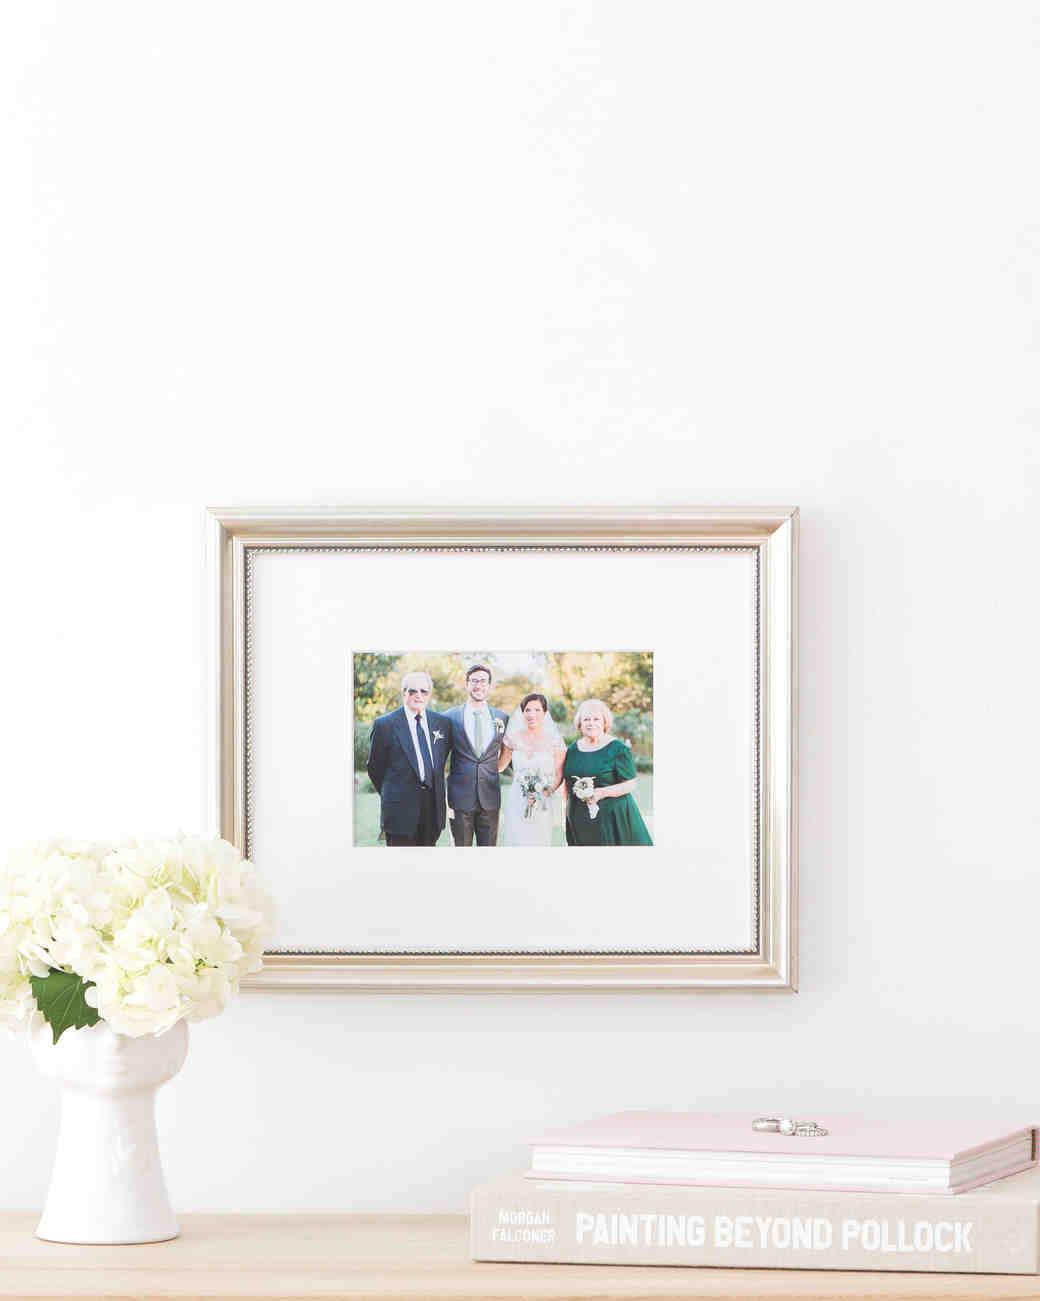 Framebridge Framed Wedding Photo